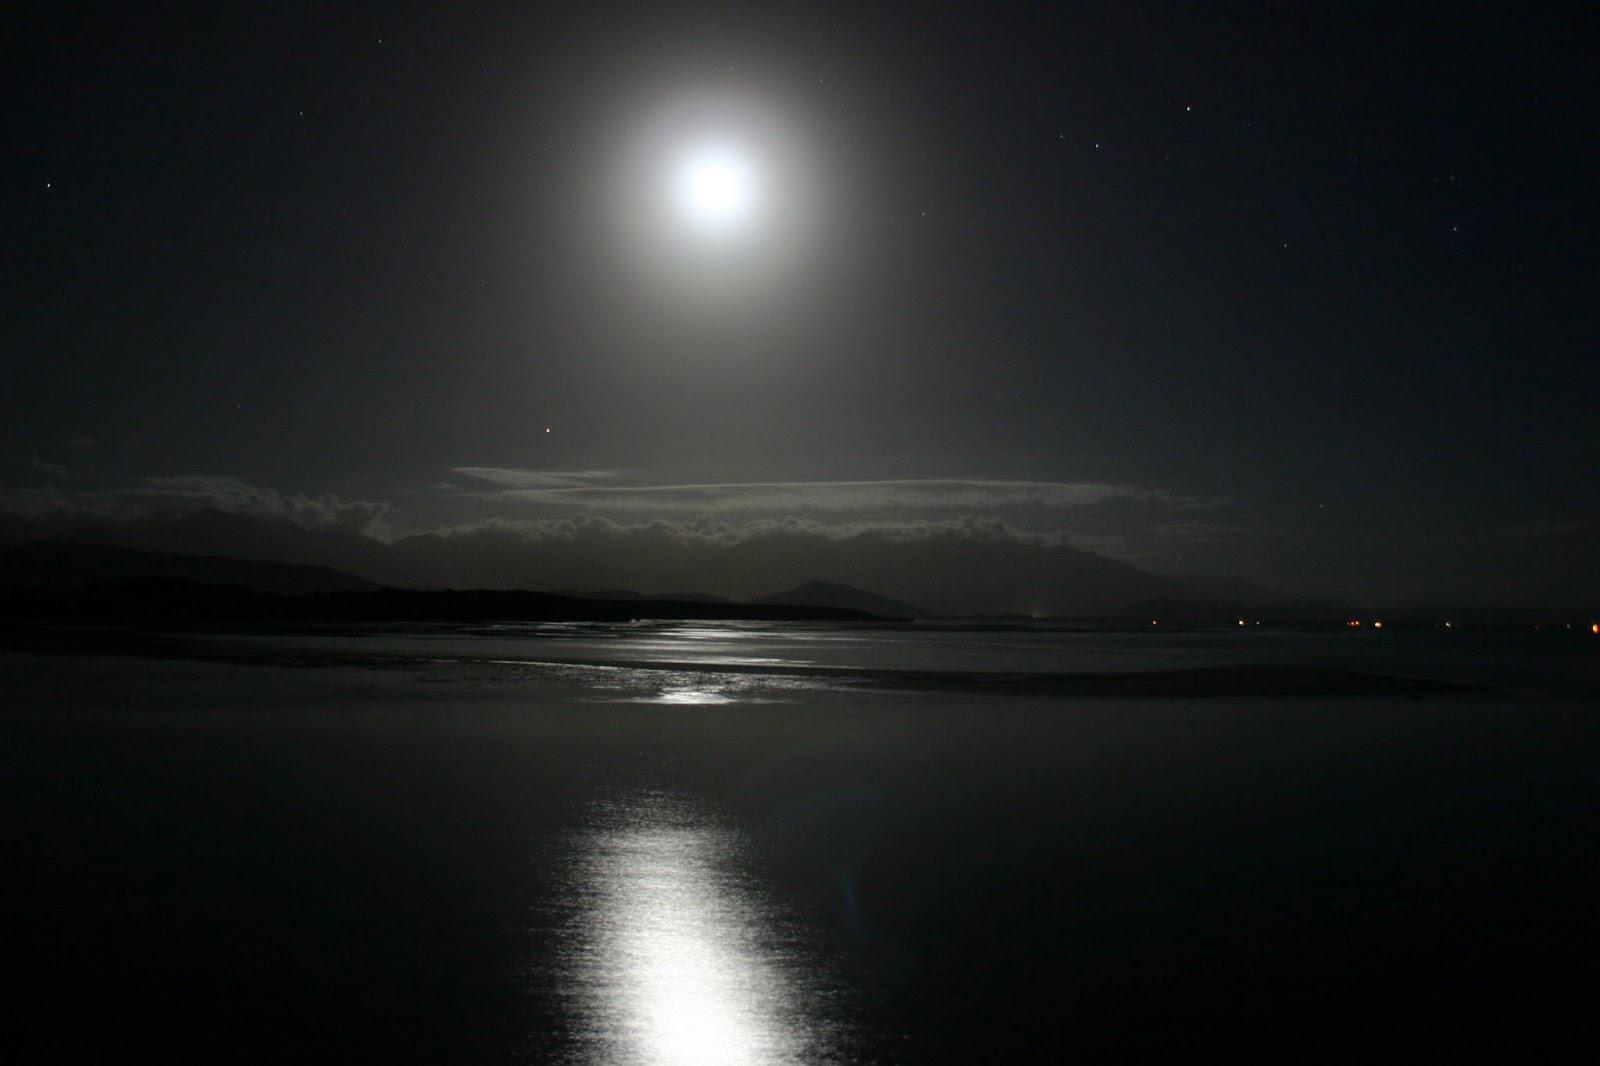 через минуту фото отражение луны в воде подушка-сердце кармашком вяжется